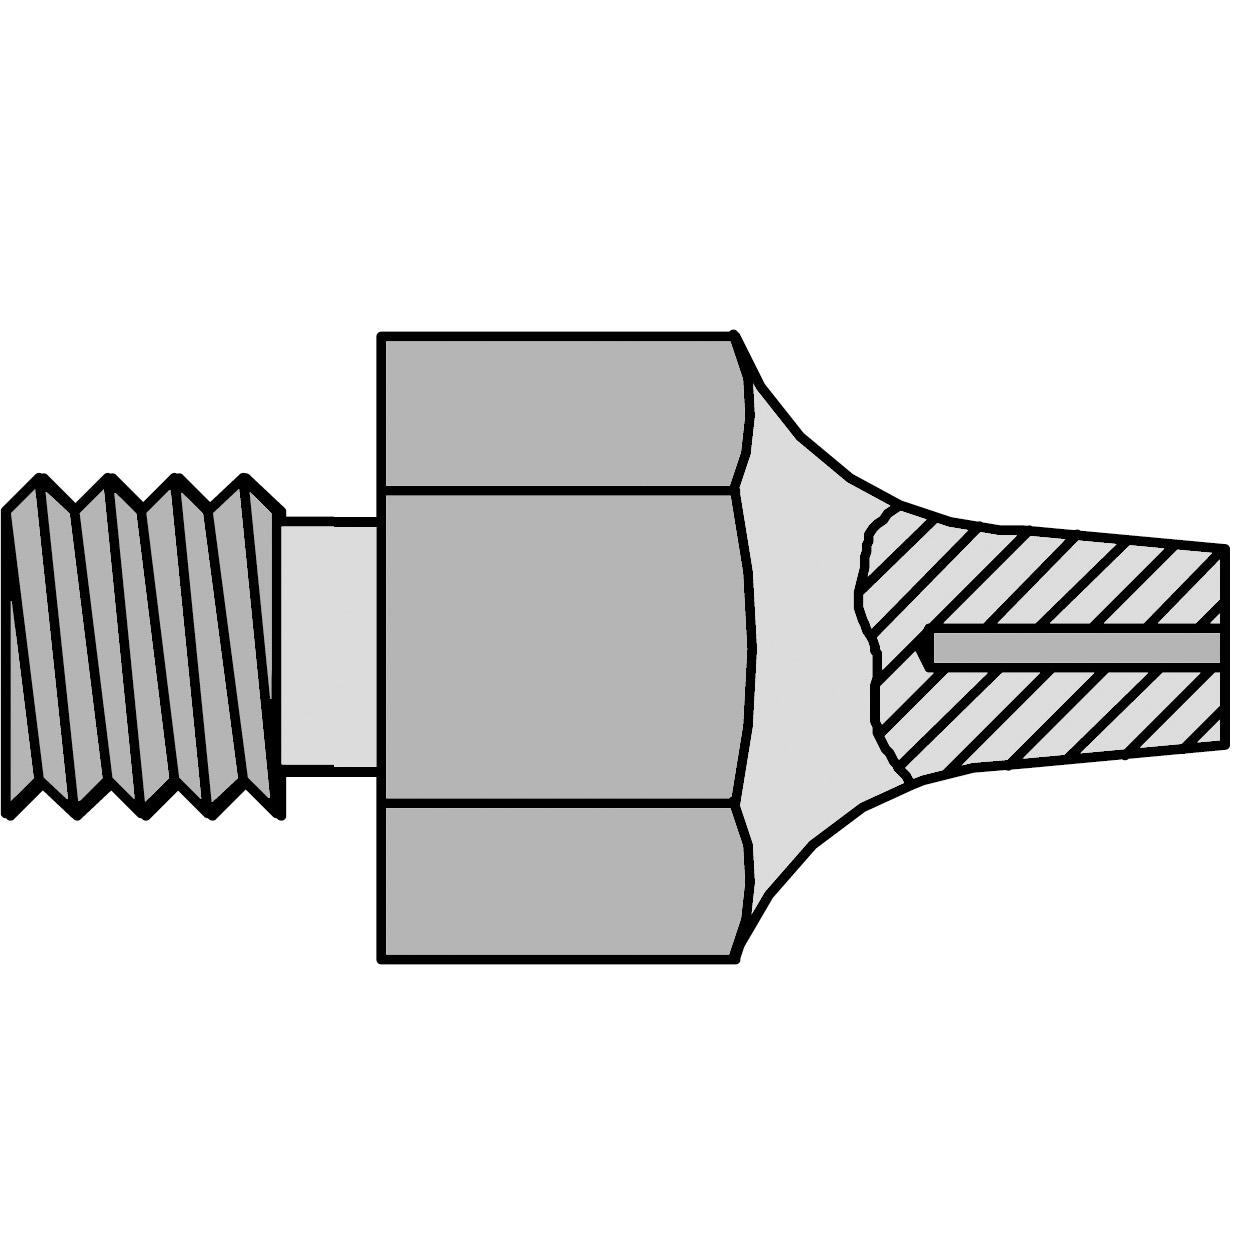 DS Measuring nozzle